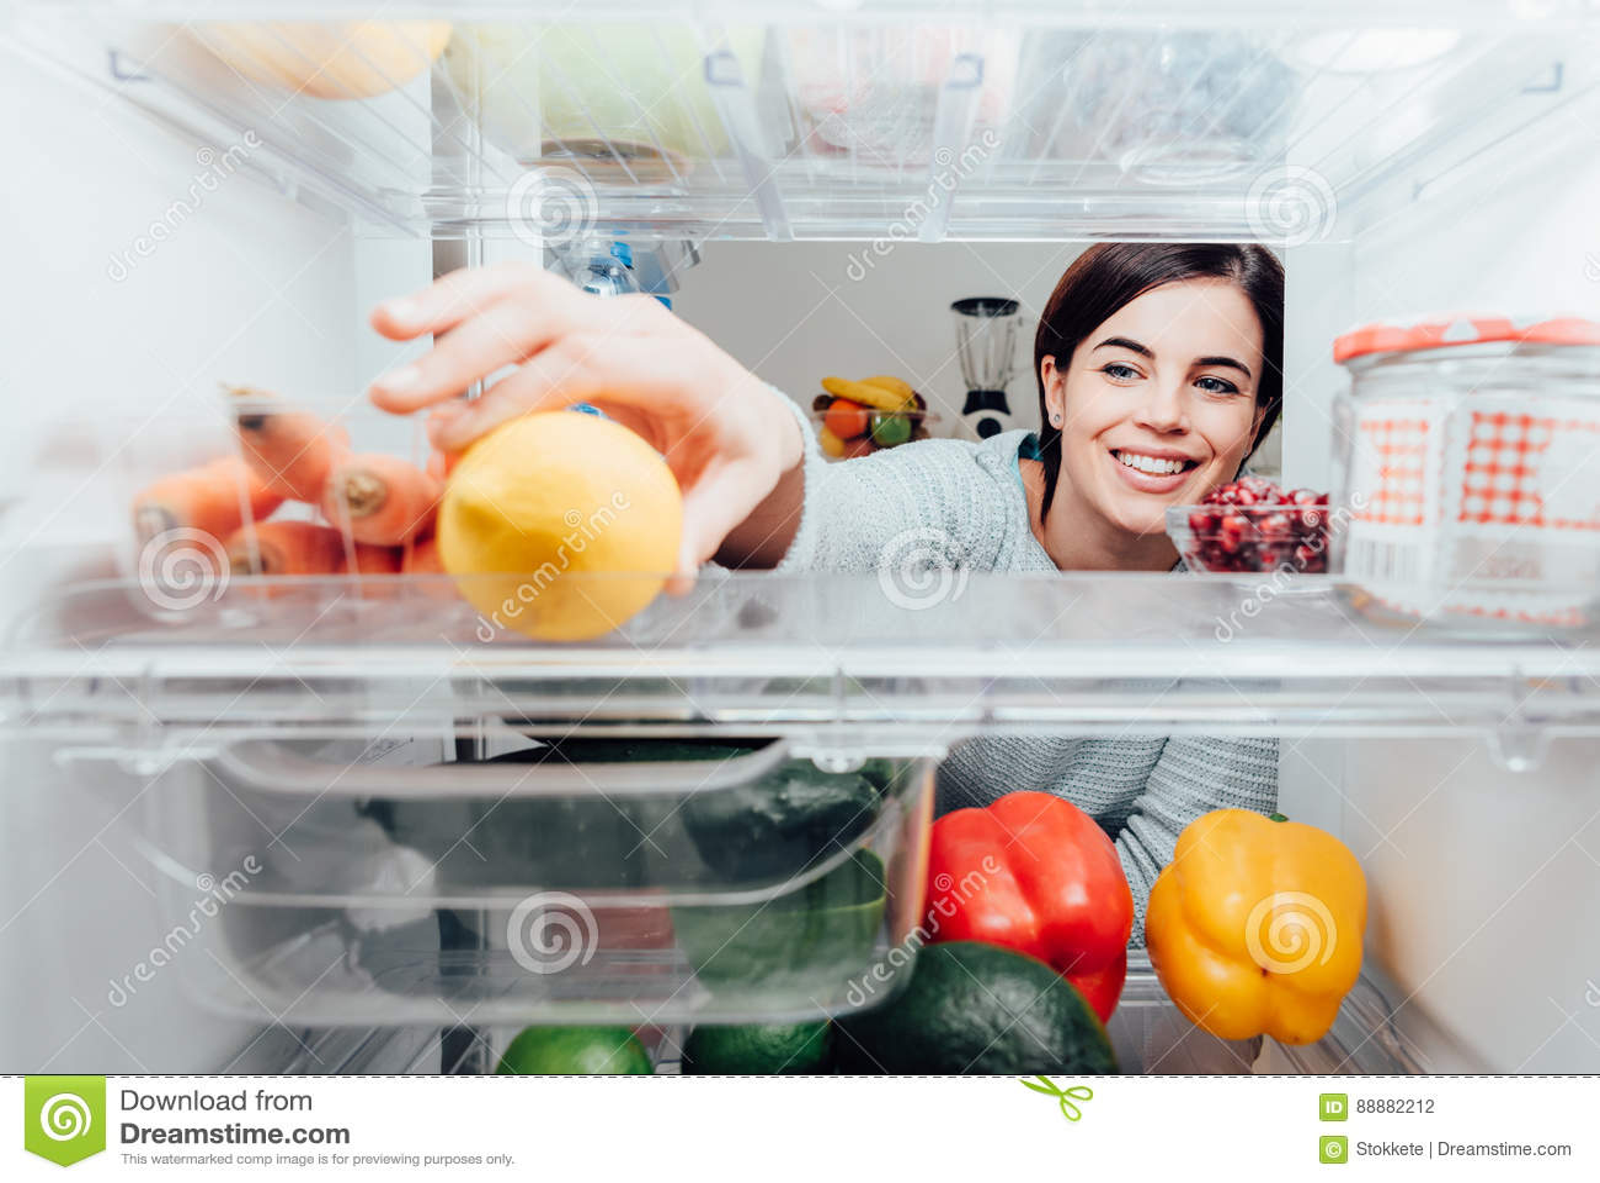 Kvinna som tar en citron ut ur kylen